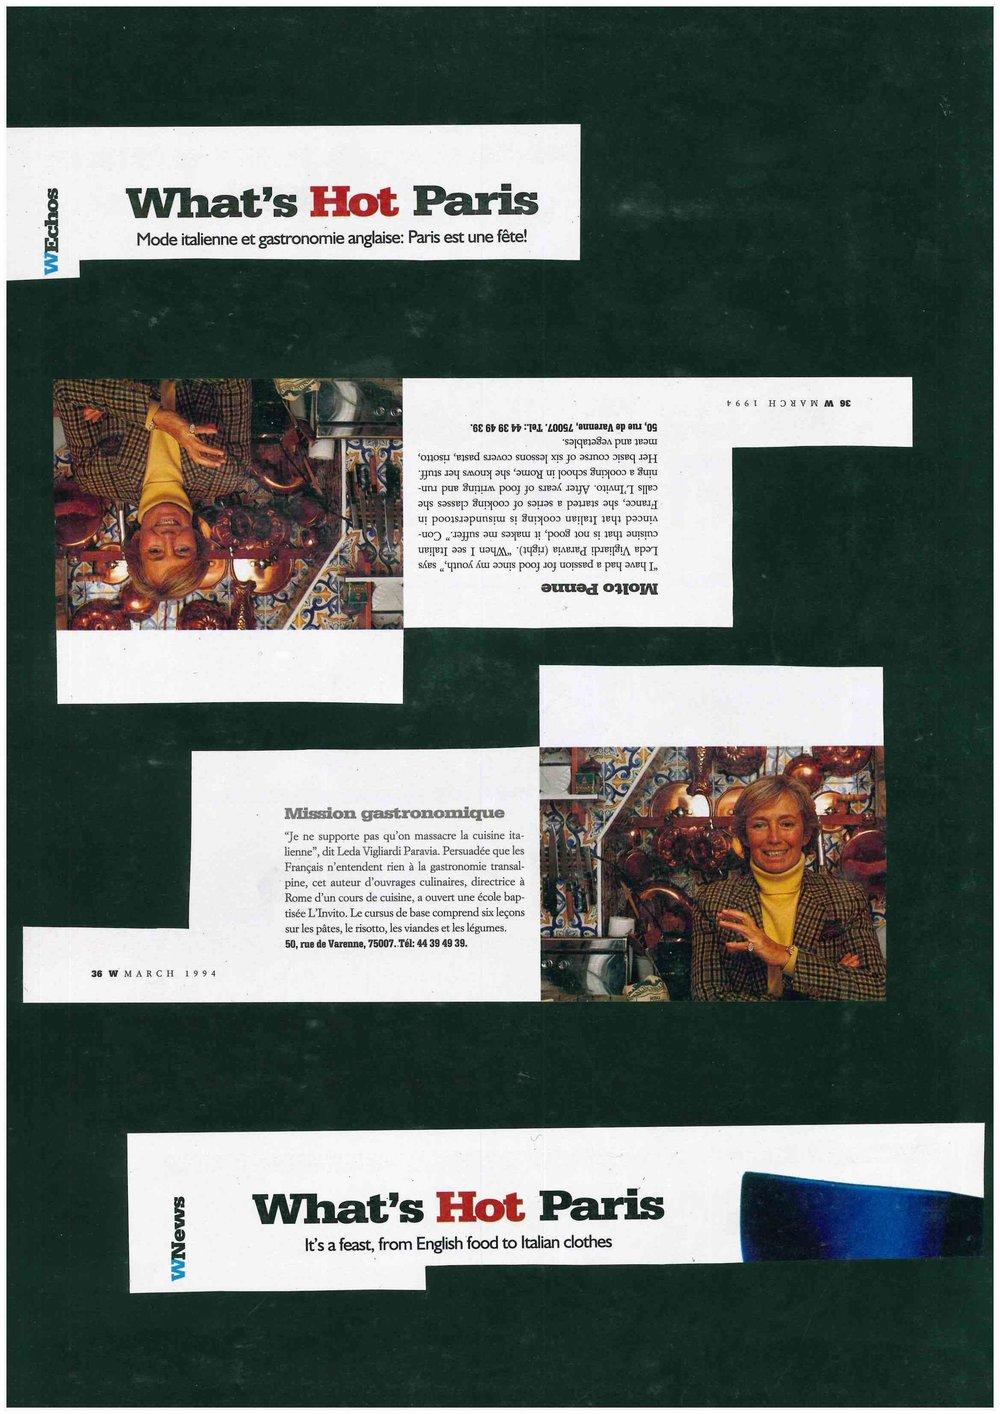 Pubblicazione Originale - WNews - What's Hot in Paris - March 1994